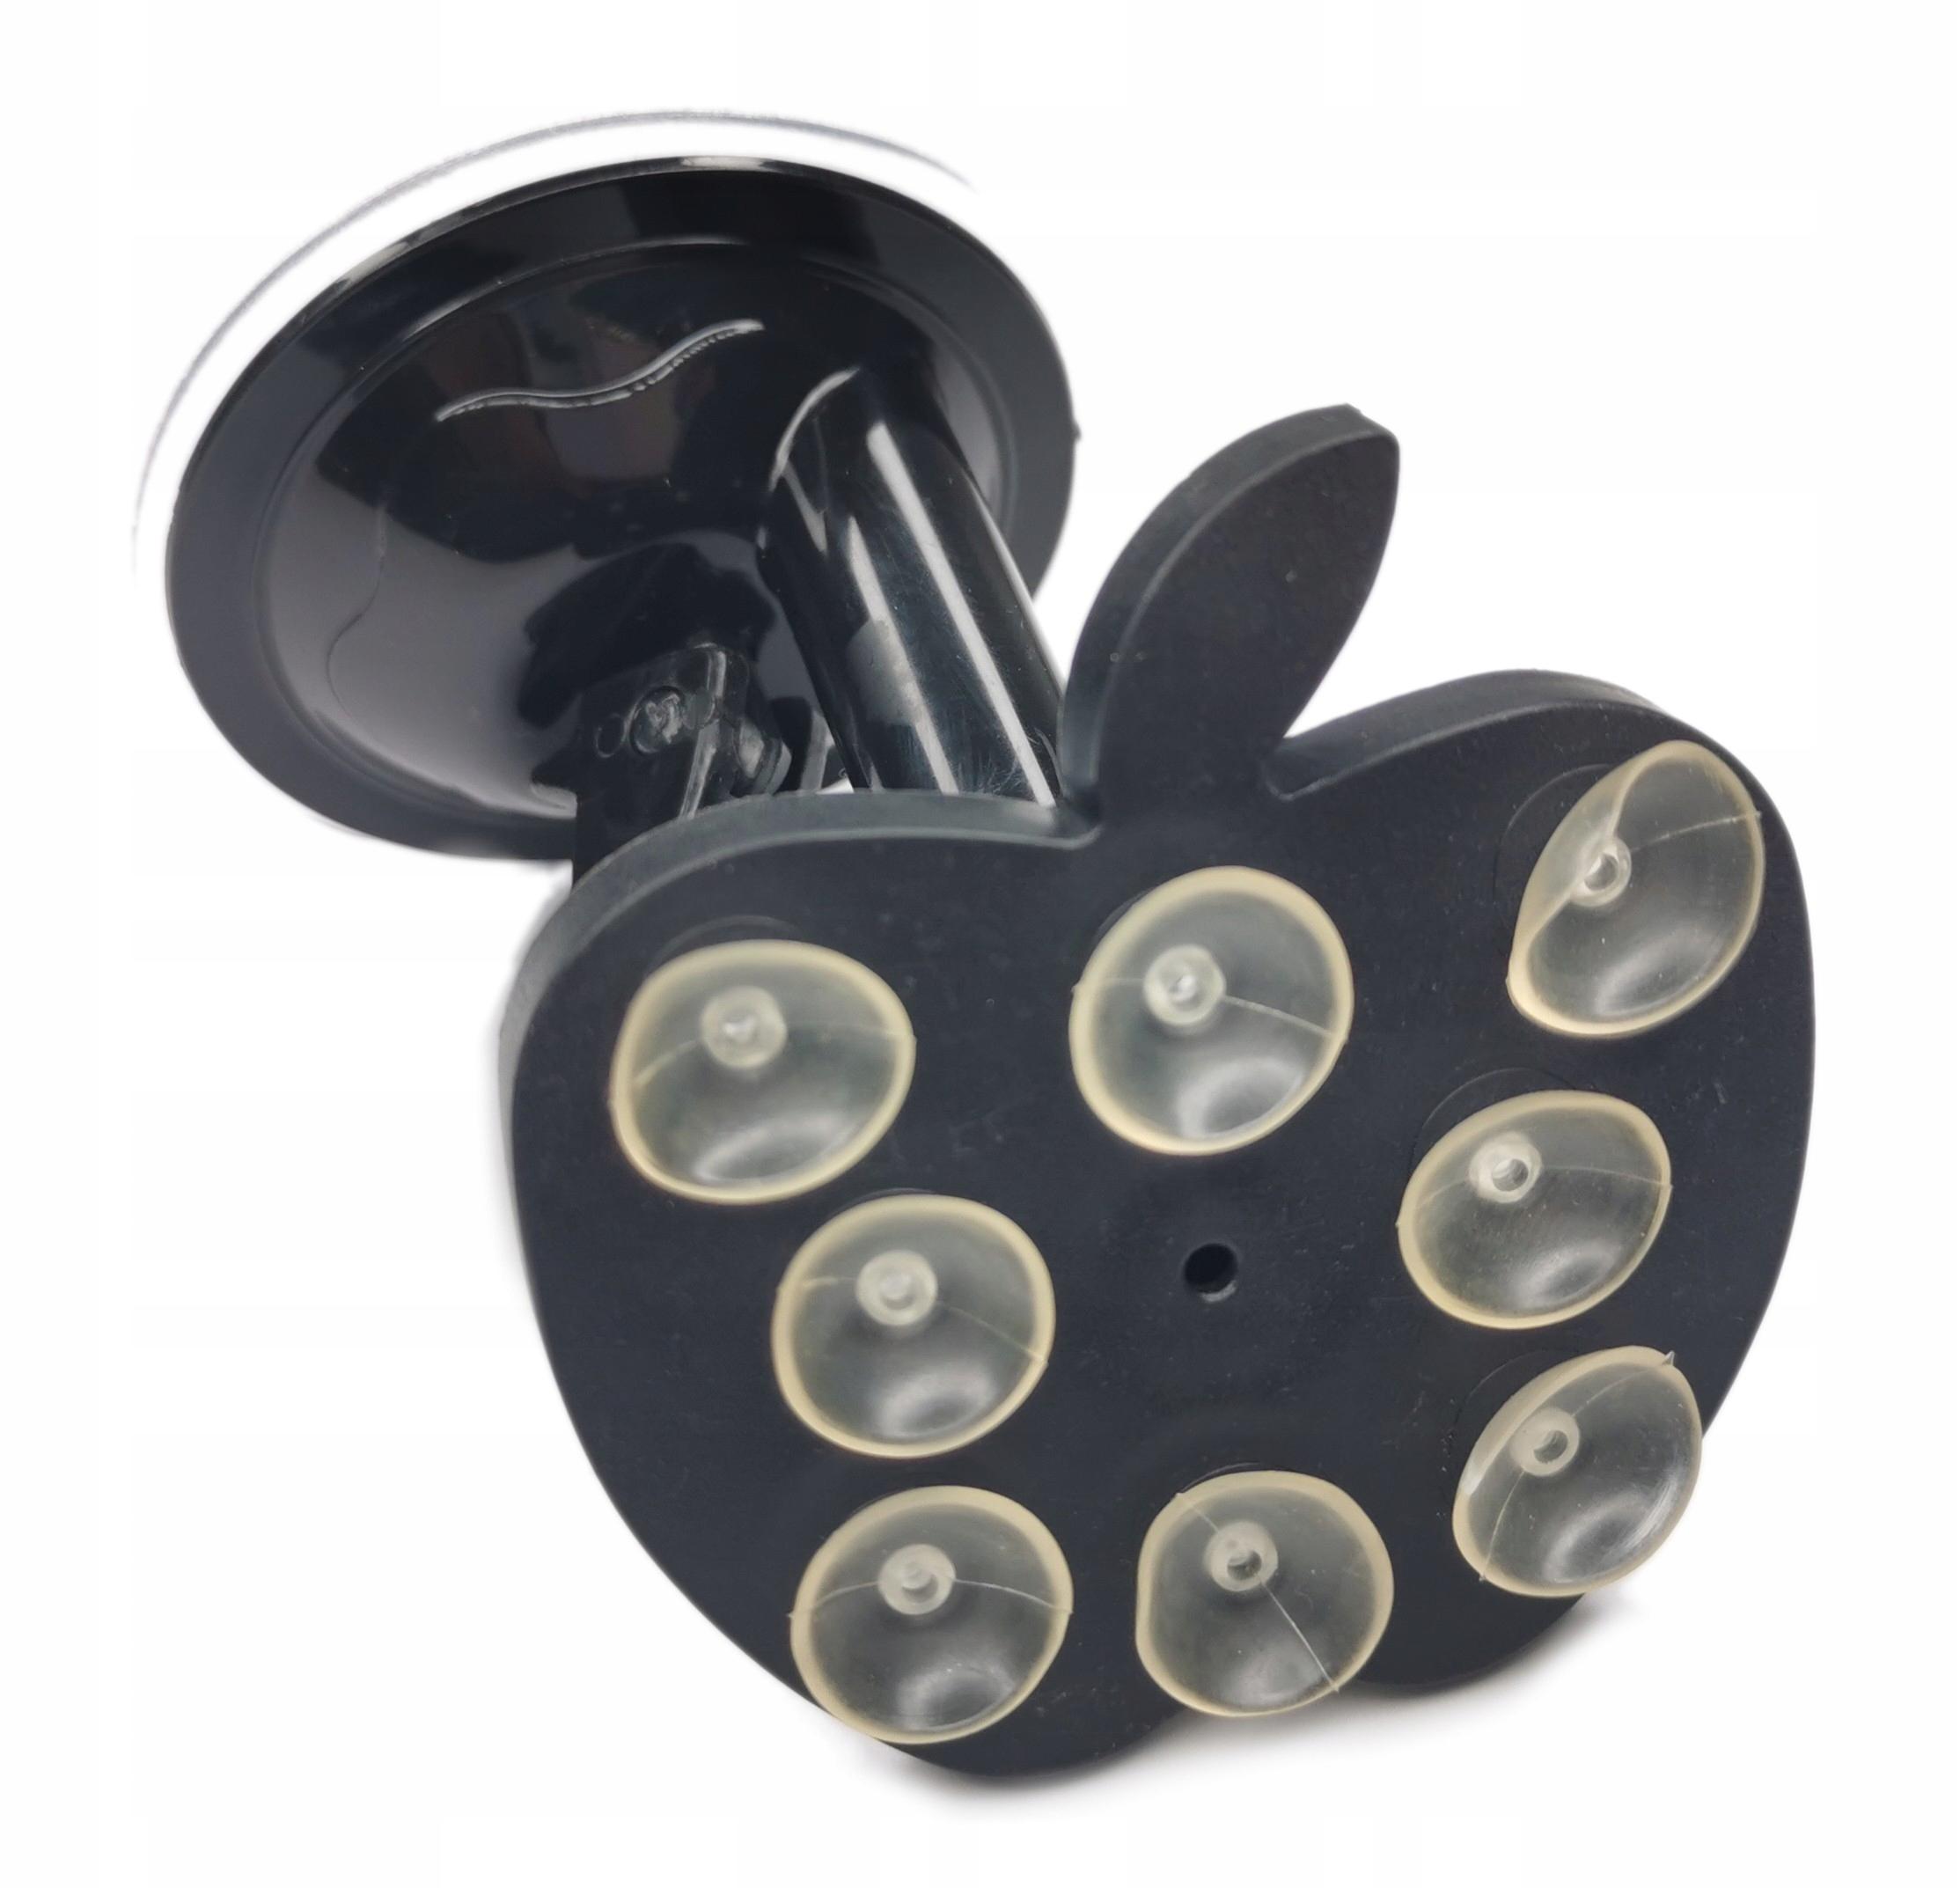 Uchwyt samochodowy do telefonu Apple iPhone kolory